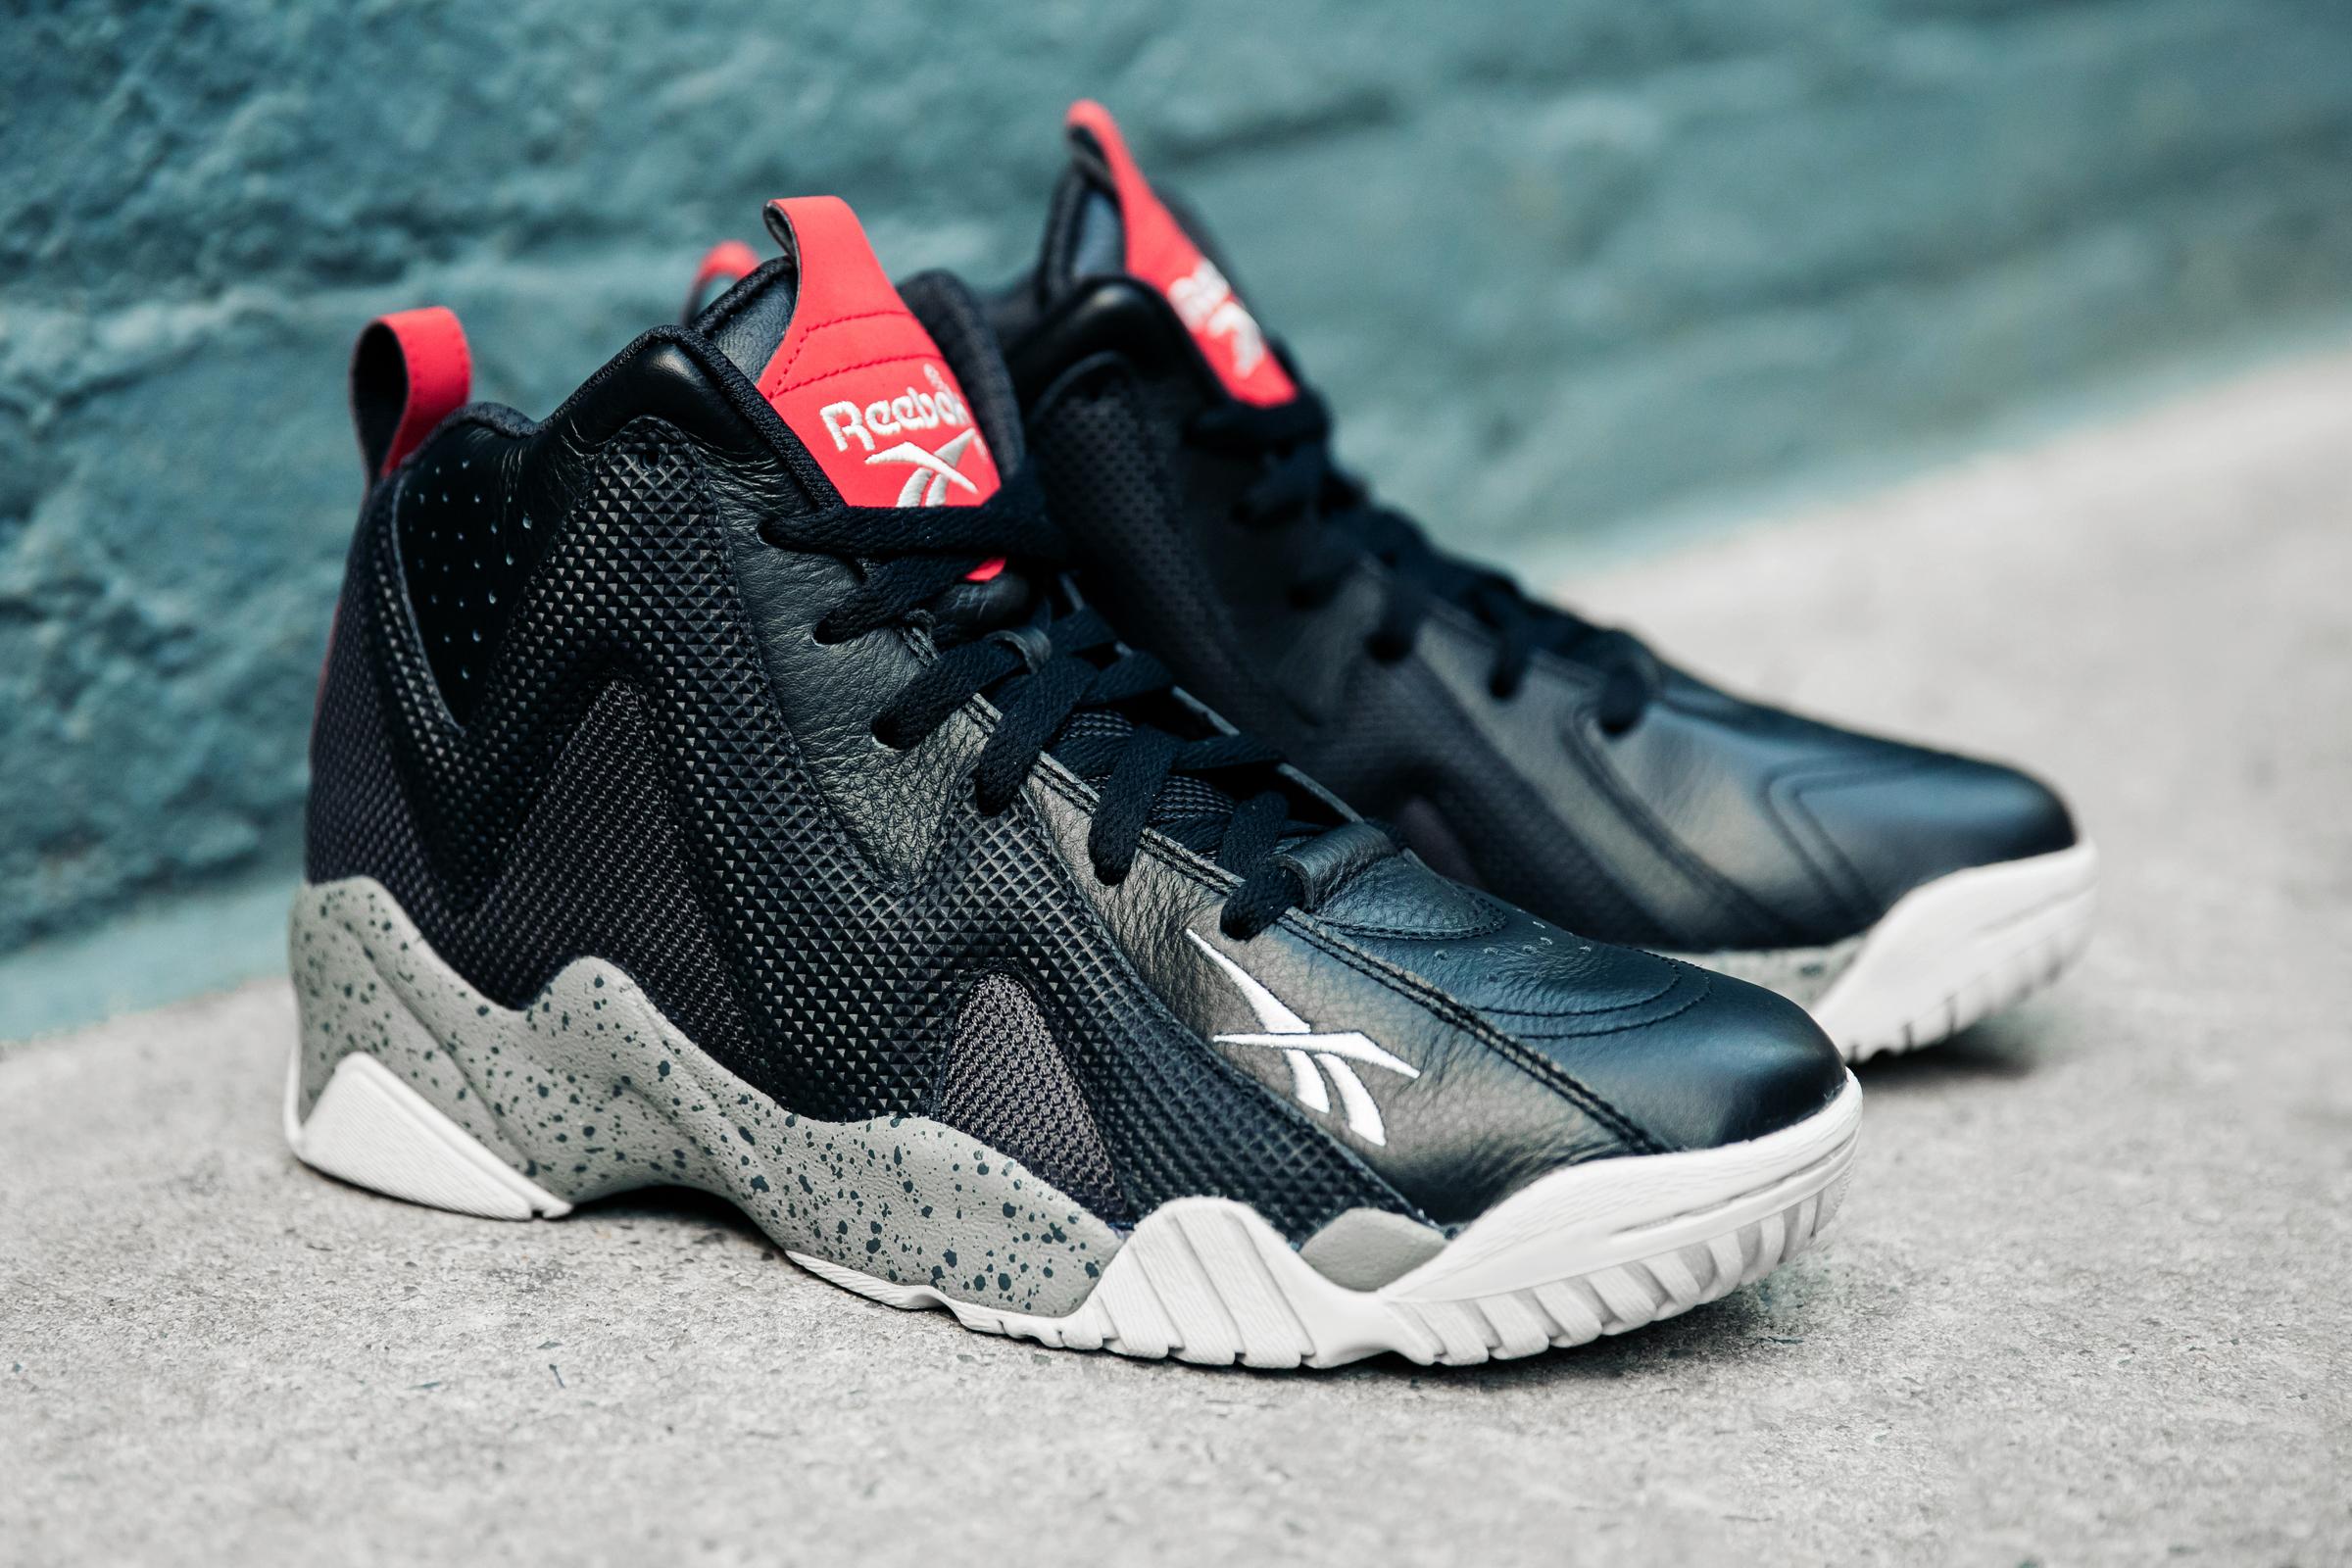 499a346ff16bf reebok sneakers 2015